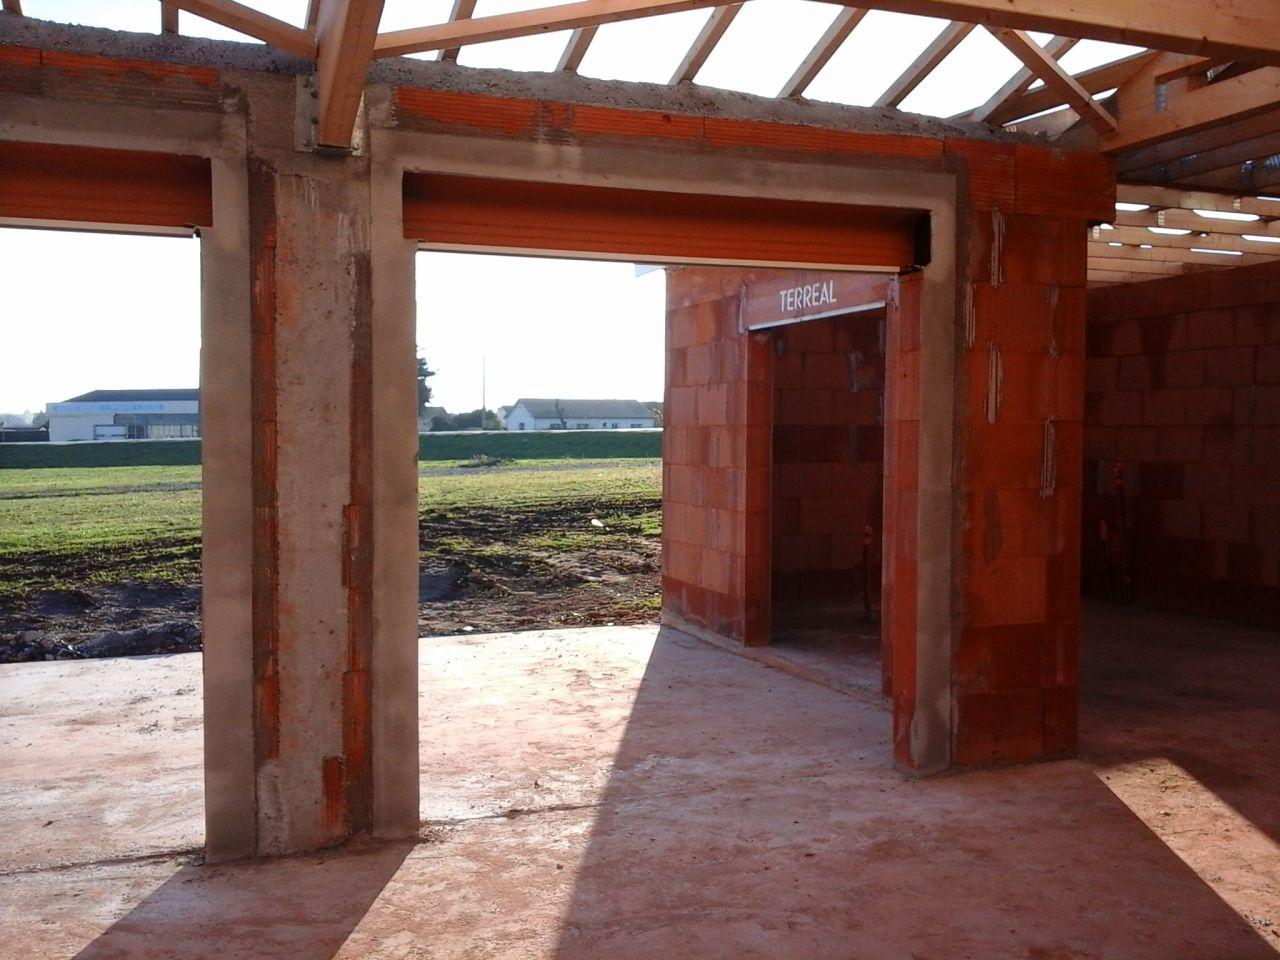 Réalisation cadre ciment des ouvertures.